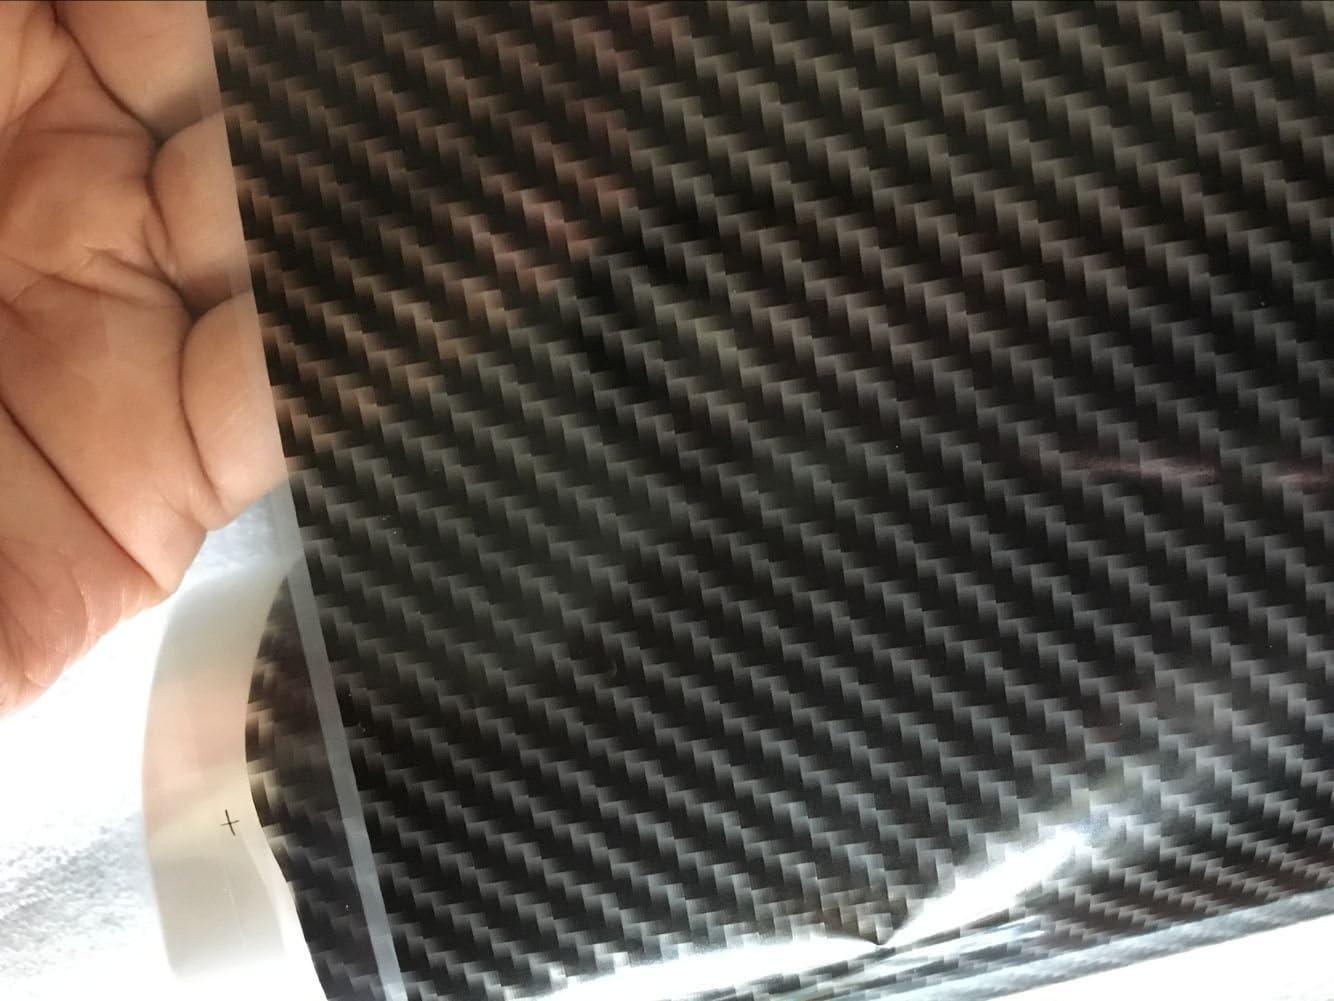 Wassertransferdruck Folie 0 5 M X 2 M Schwarz Und Klar 3d Ture Weave2 Wassertransferfolie Hydrographics Film Baumarkt